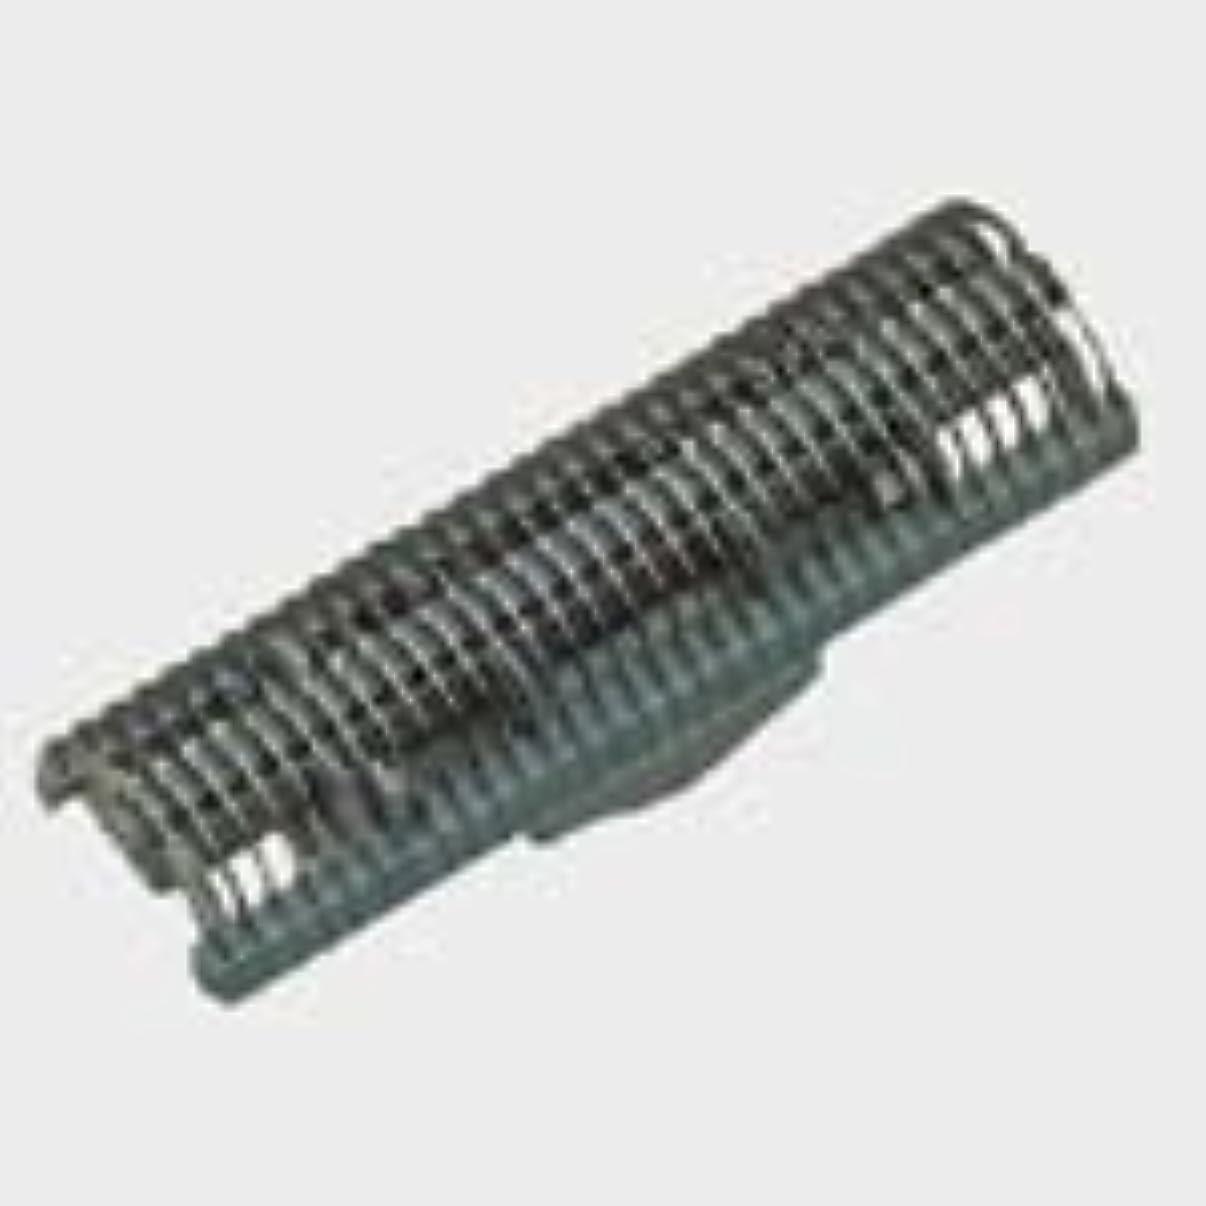 アスペクト原因演じるパナソニック 替刃 メンズシェーバー用 内刃 ES9972